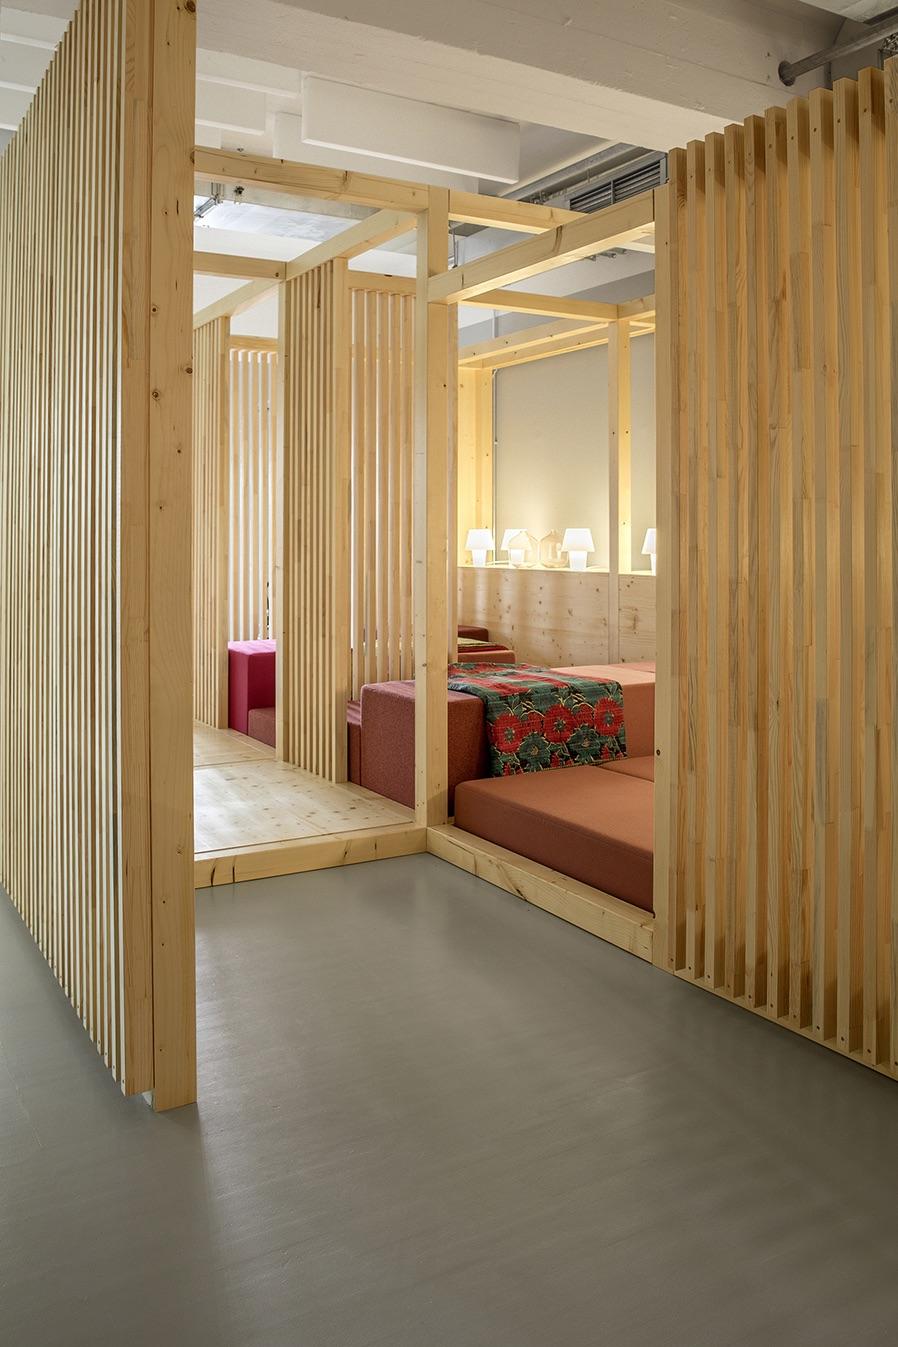 razorfish-berlin-office-3